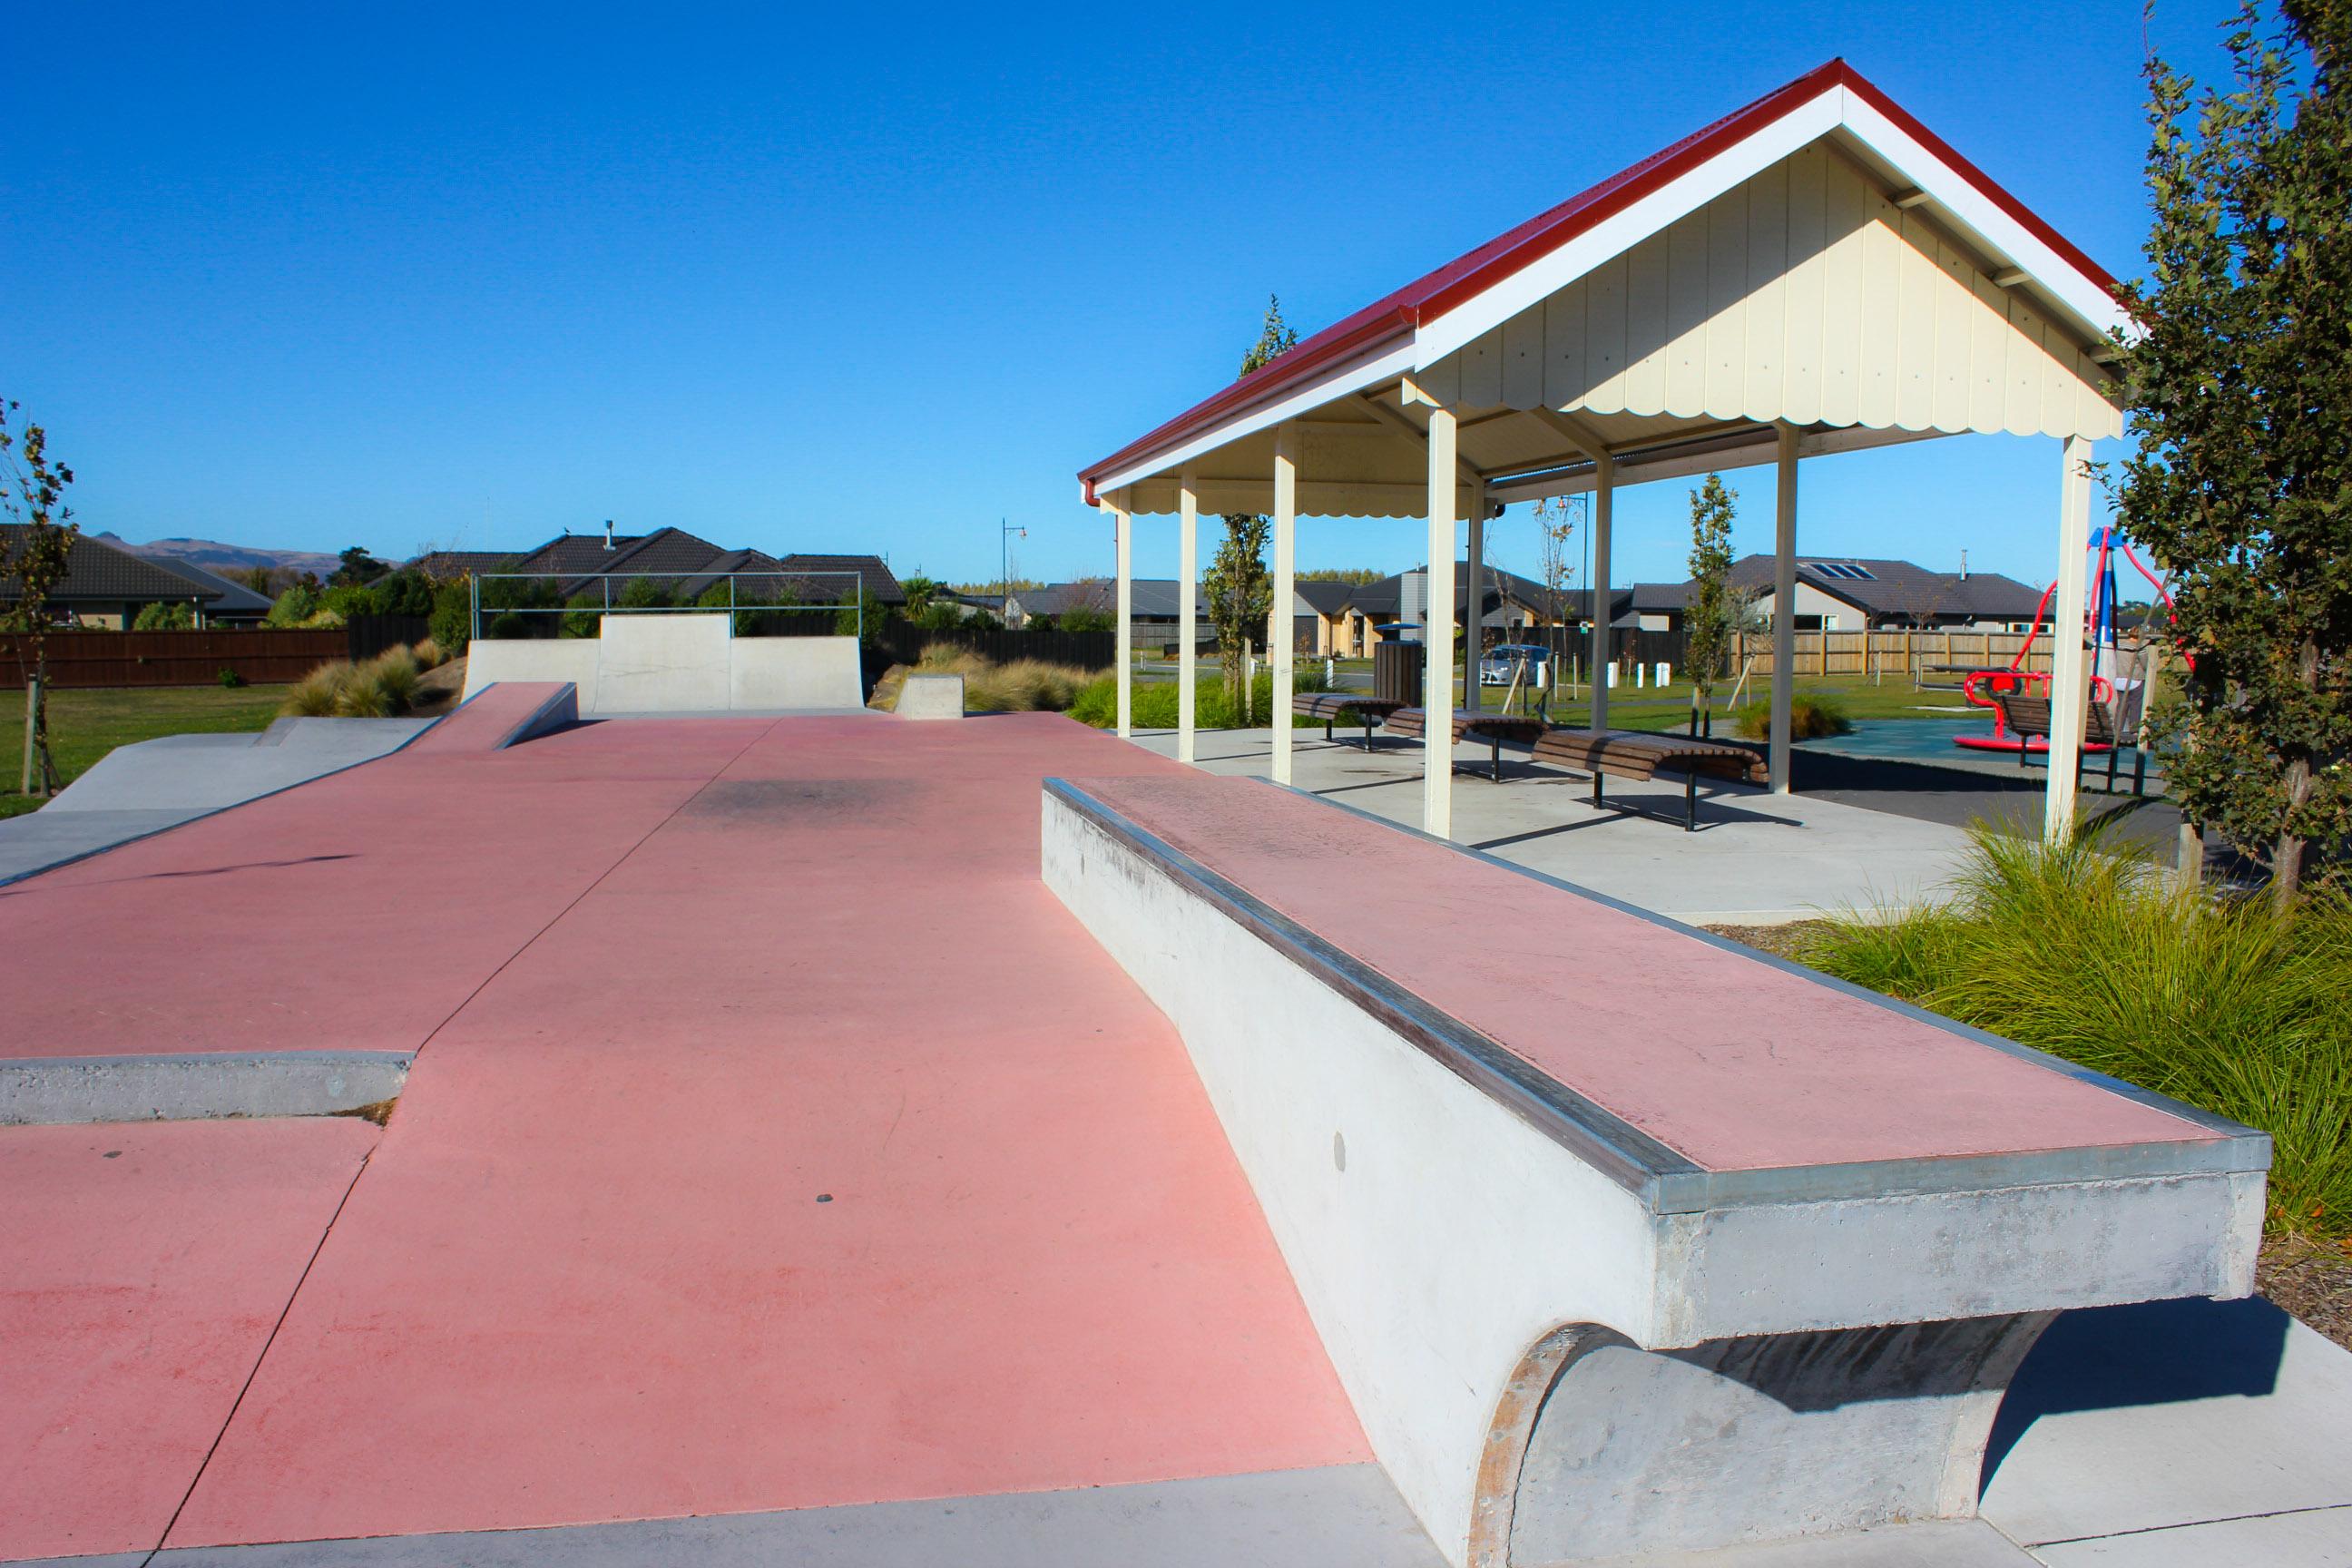 Prebbleton Skatepark